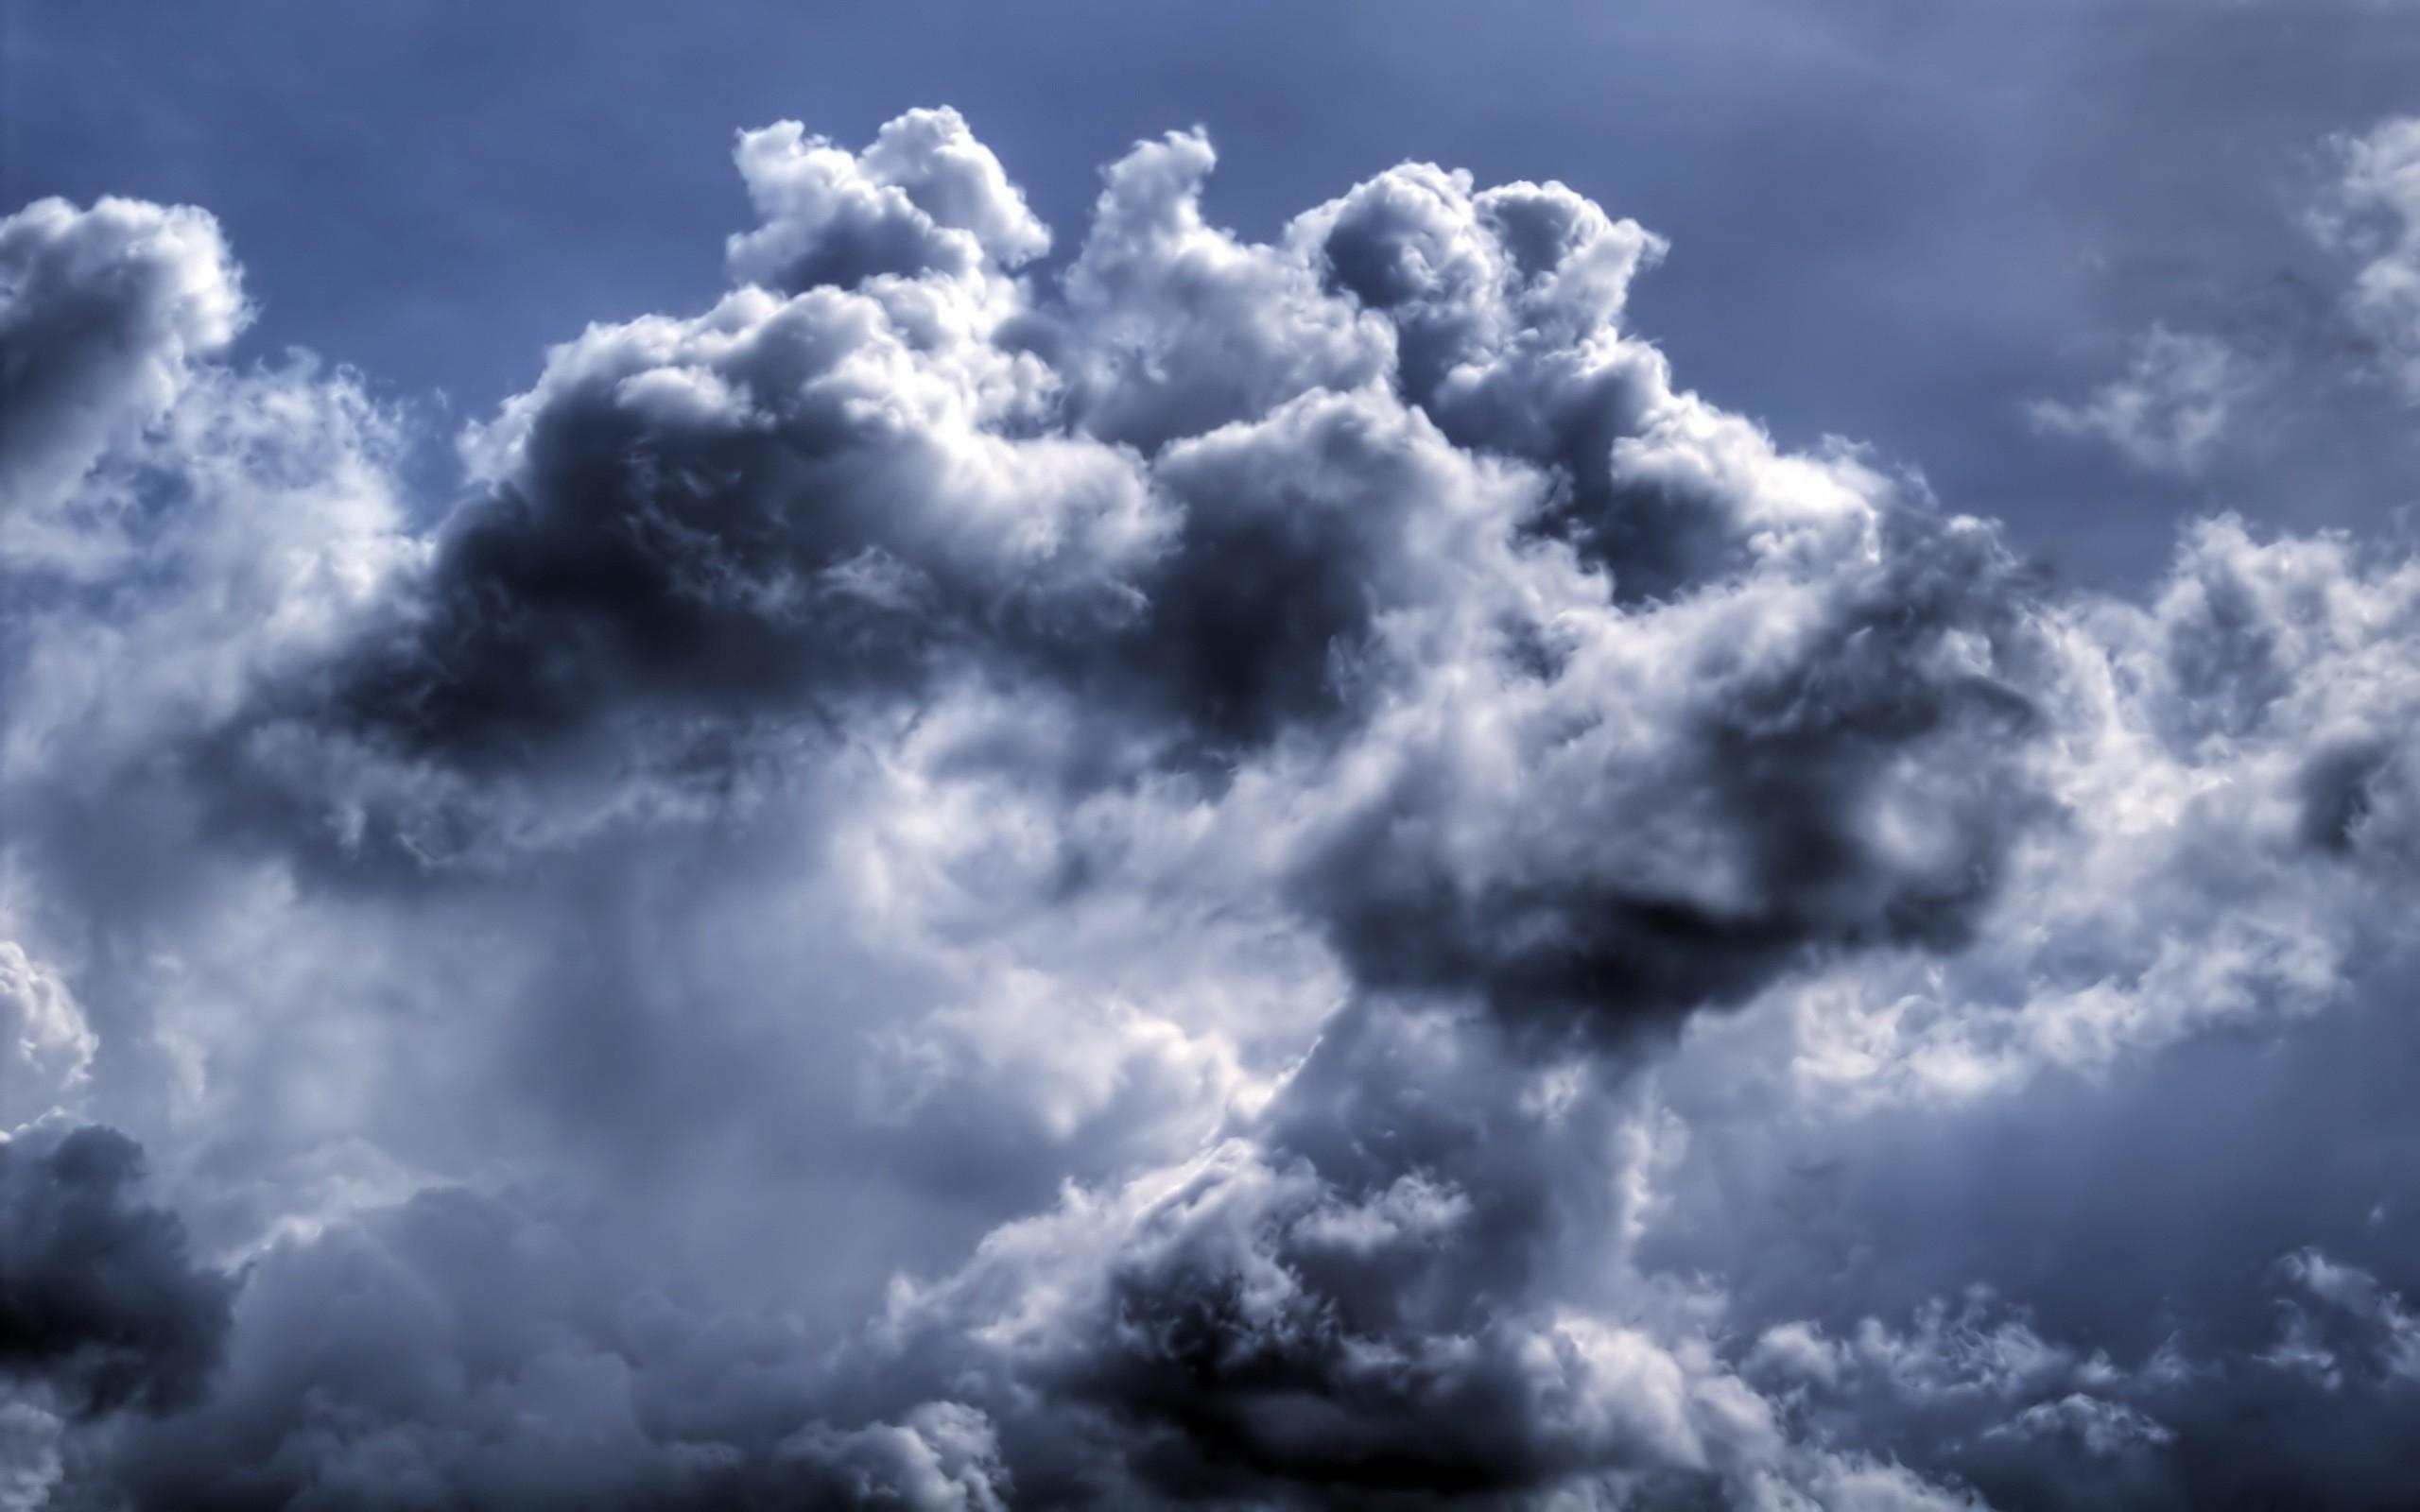 Sky In Dark Blue Clouds